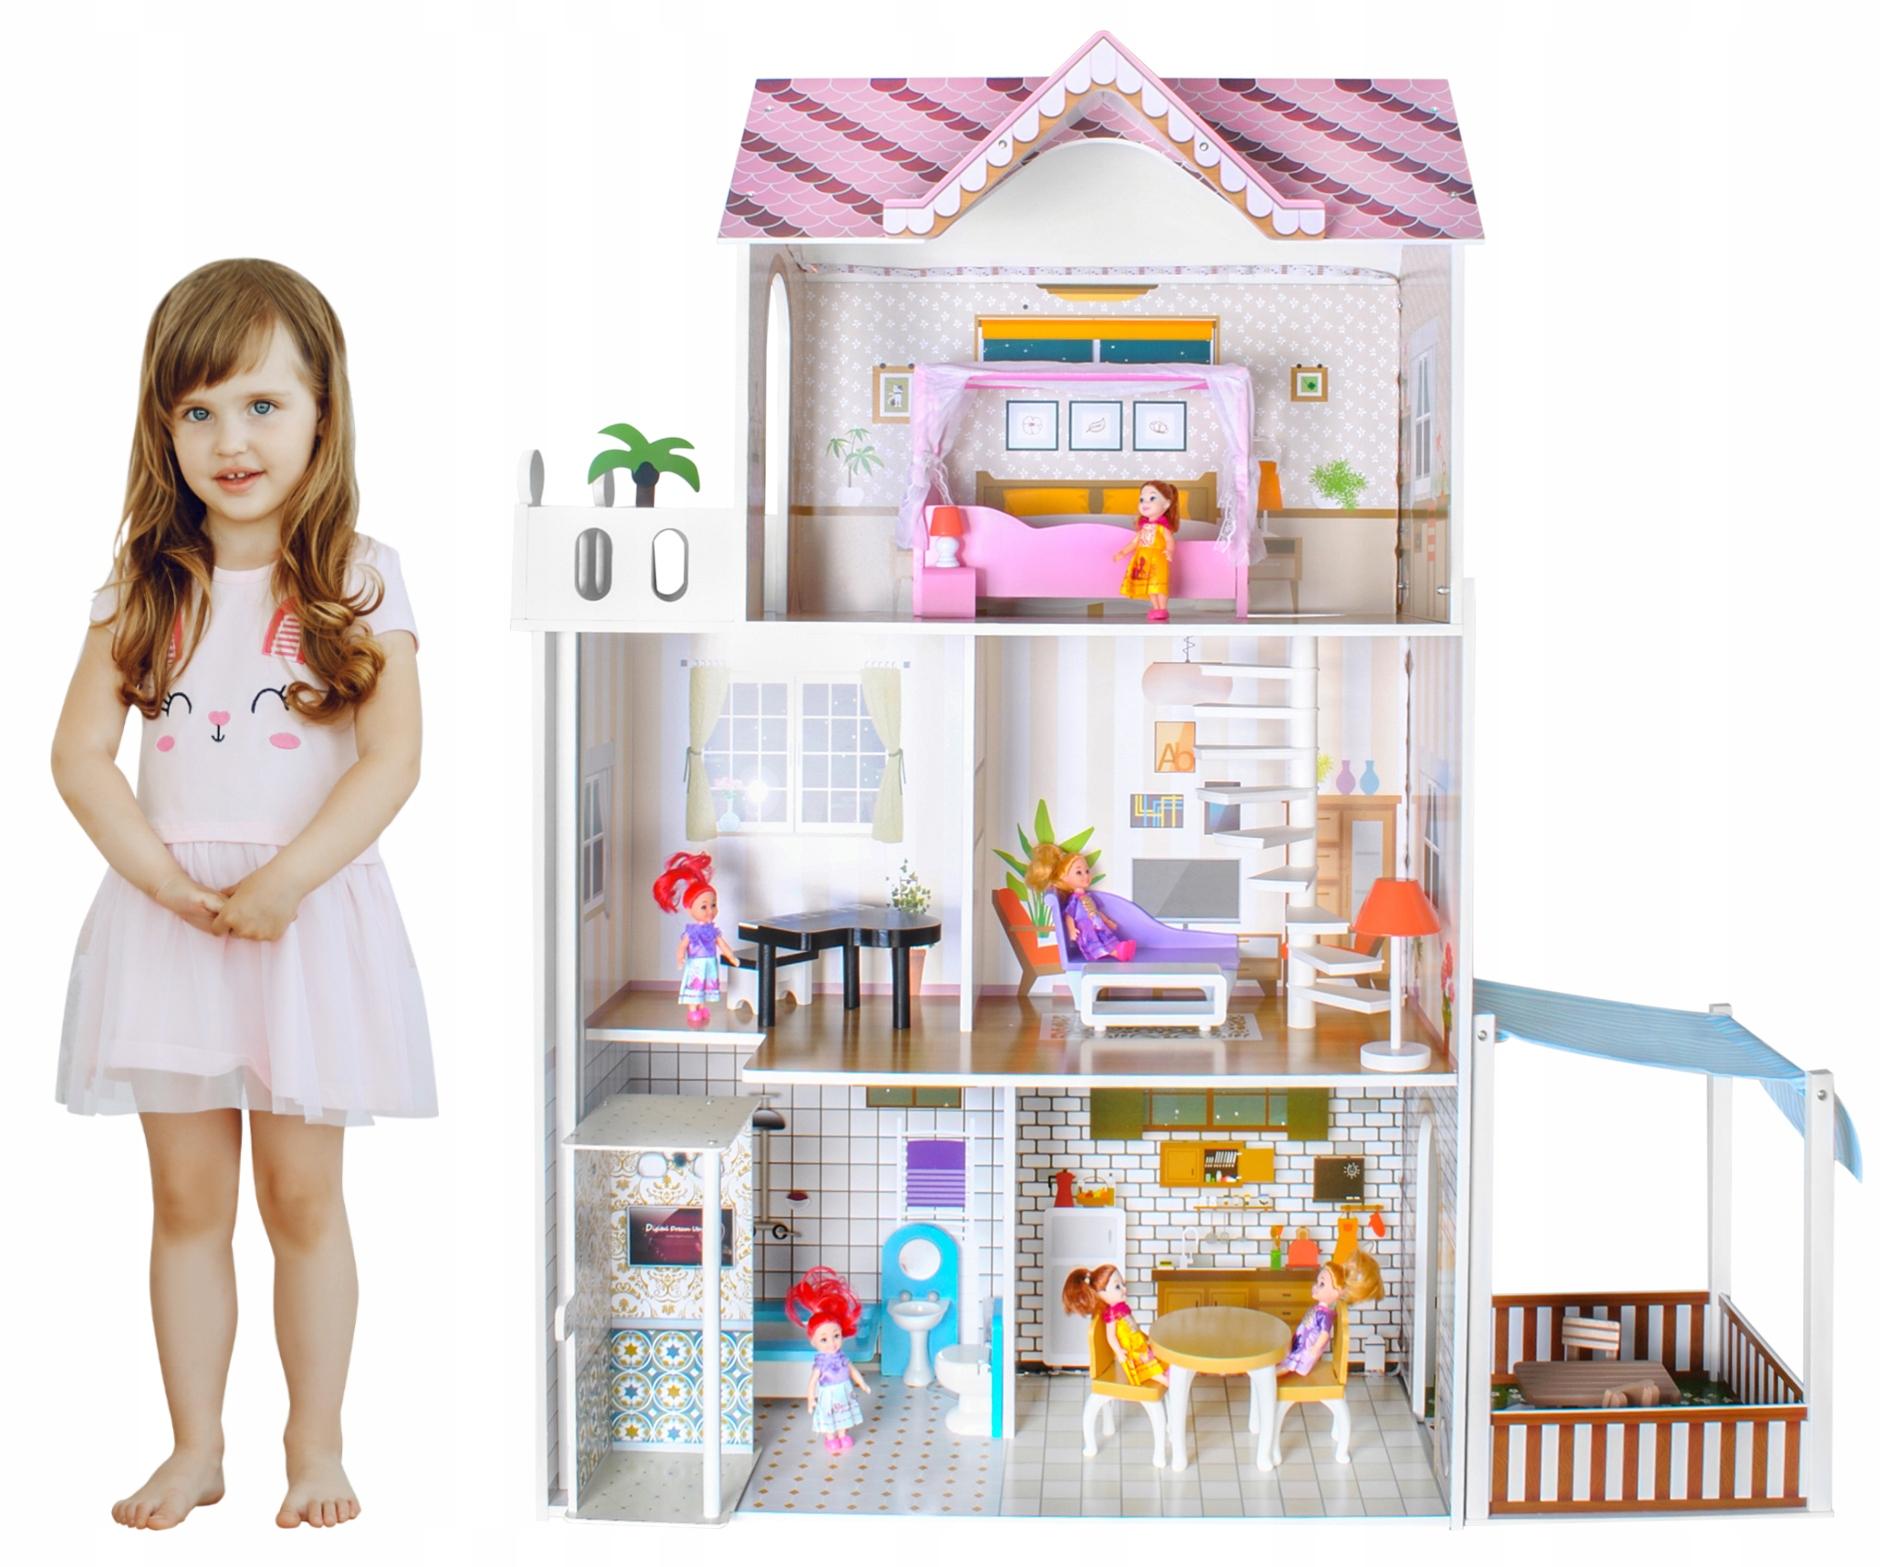 Drewniany domek lalki zestaw zabawki dla LALEK willa mebelki XXL